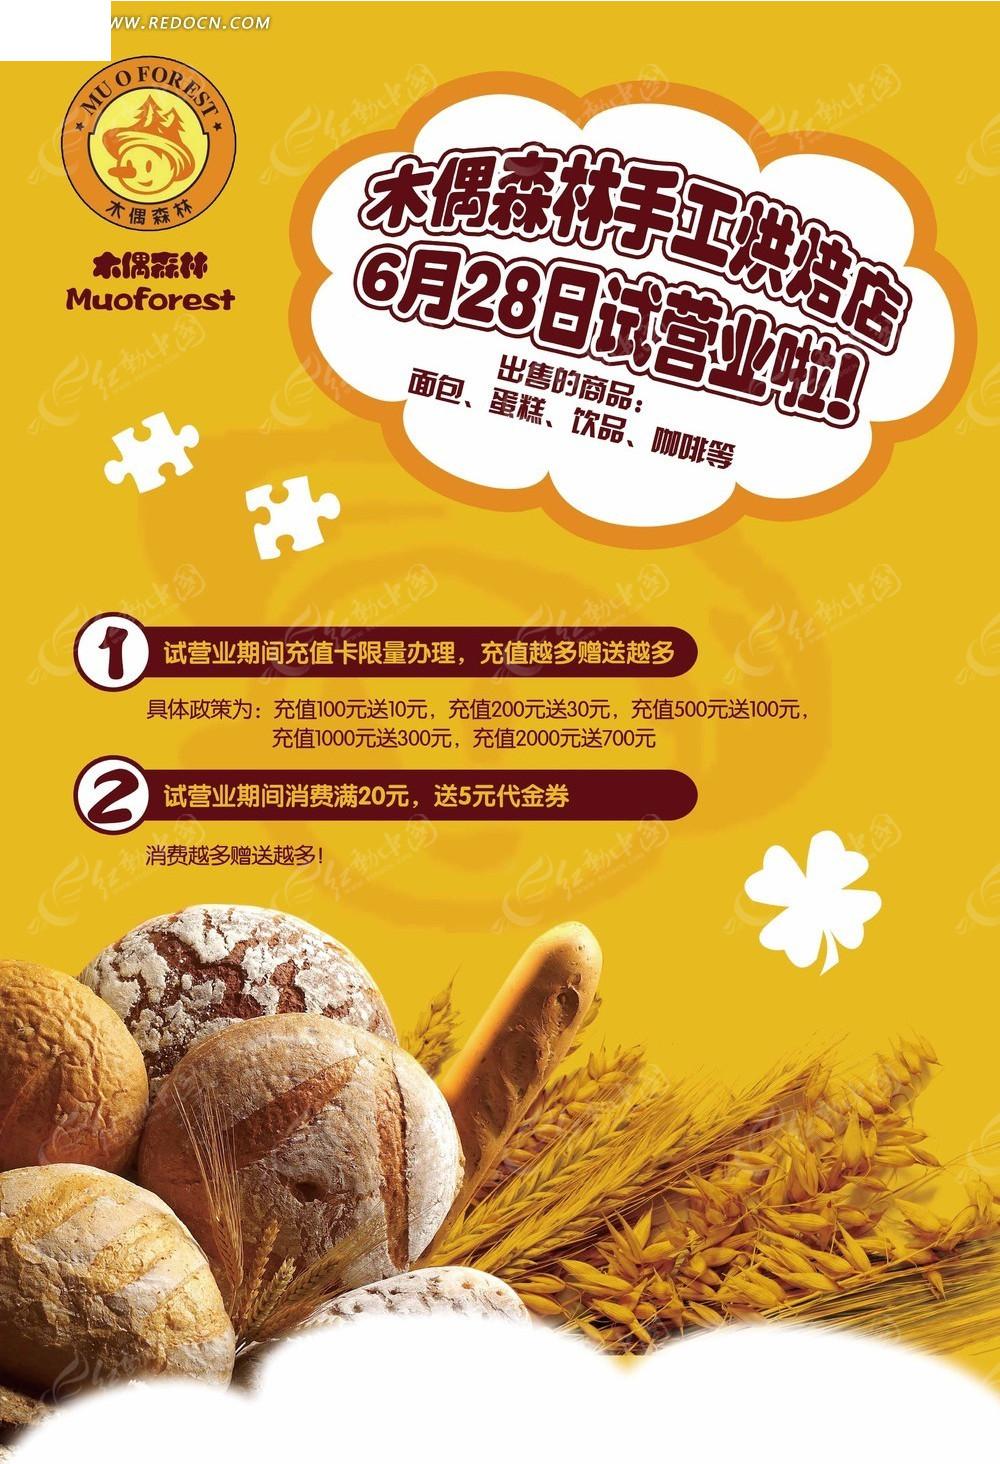 杨秀红玩味烘焙文化:家用电烤箱烘焙食谱_烘焙文案_烘焙工具